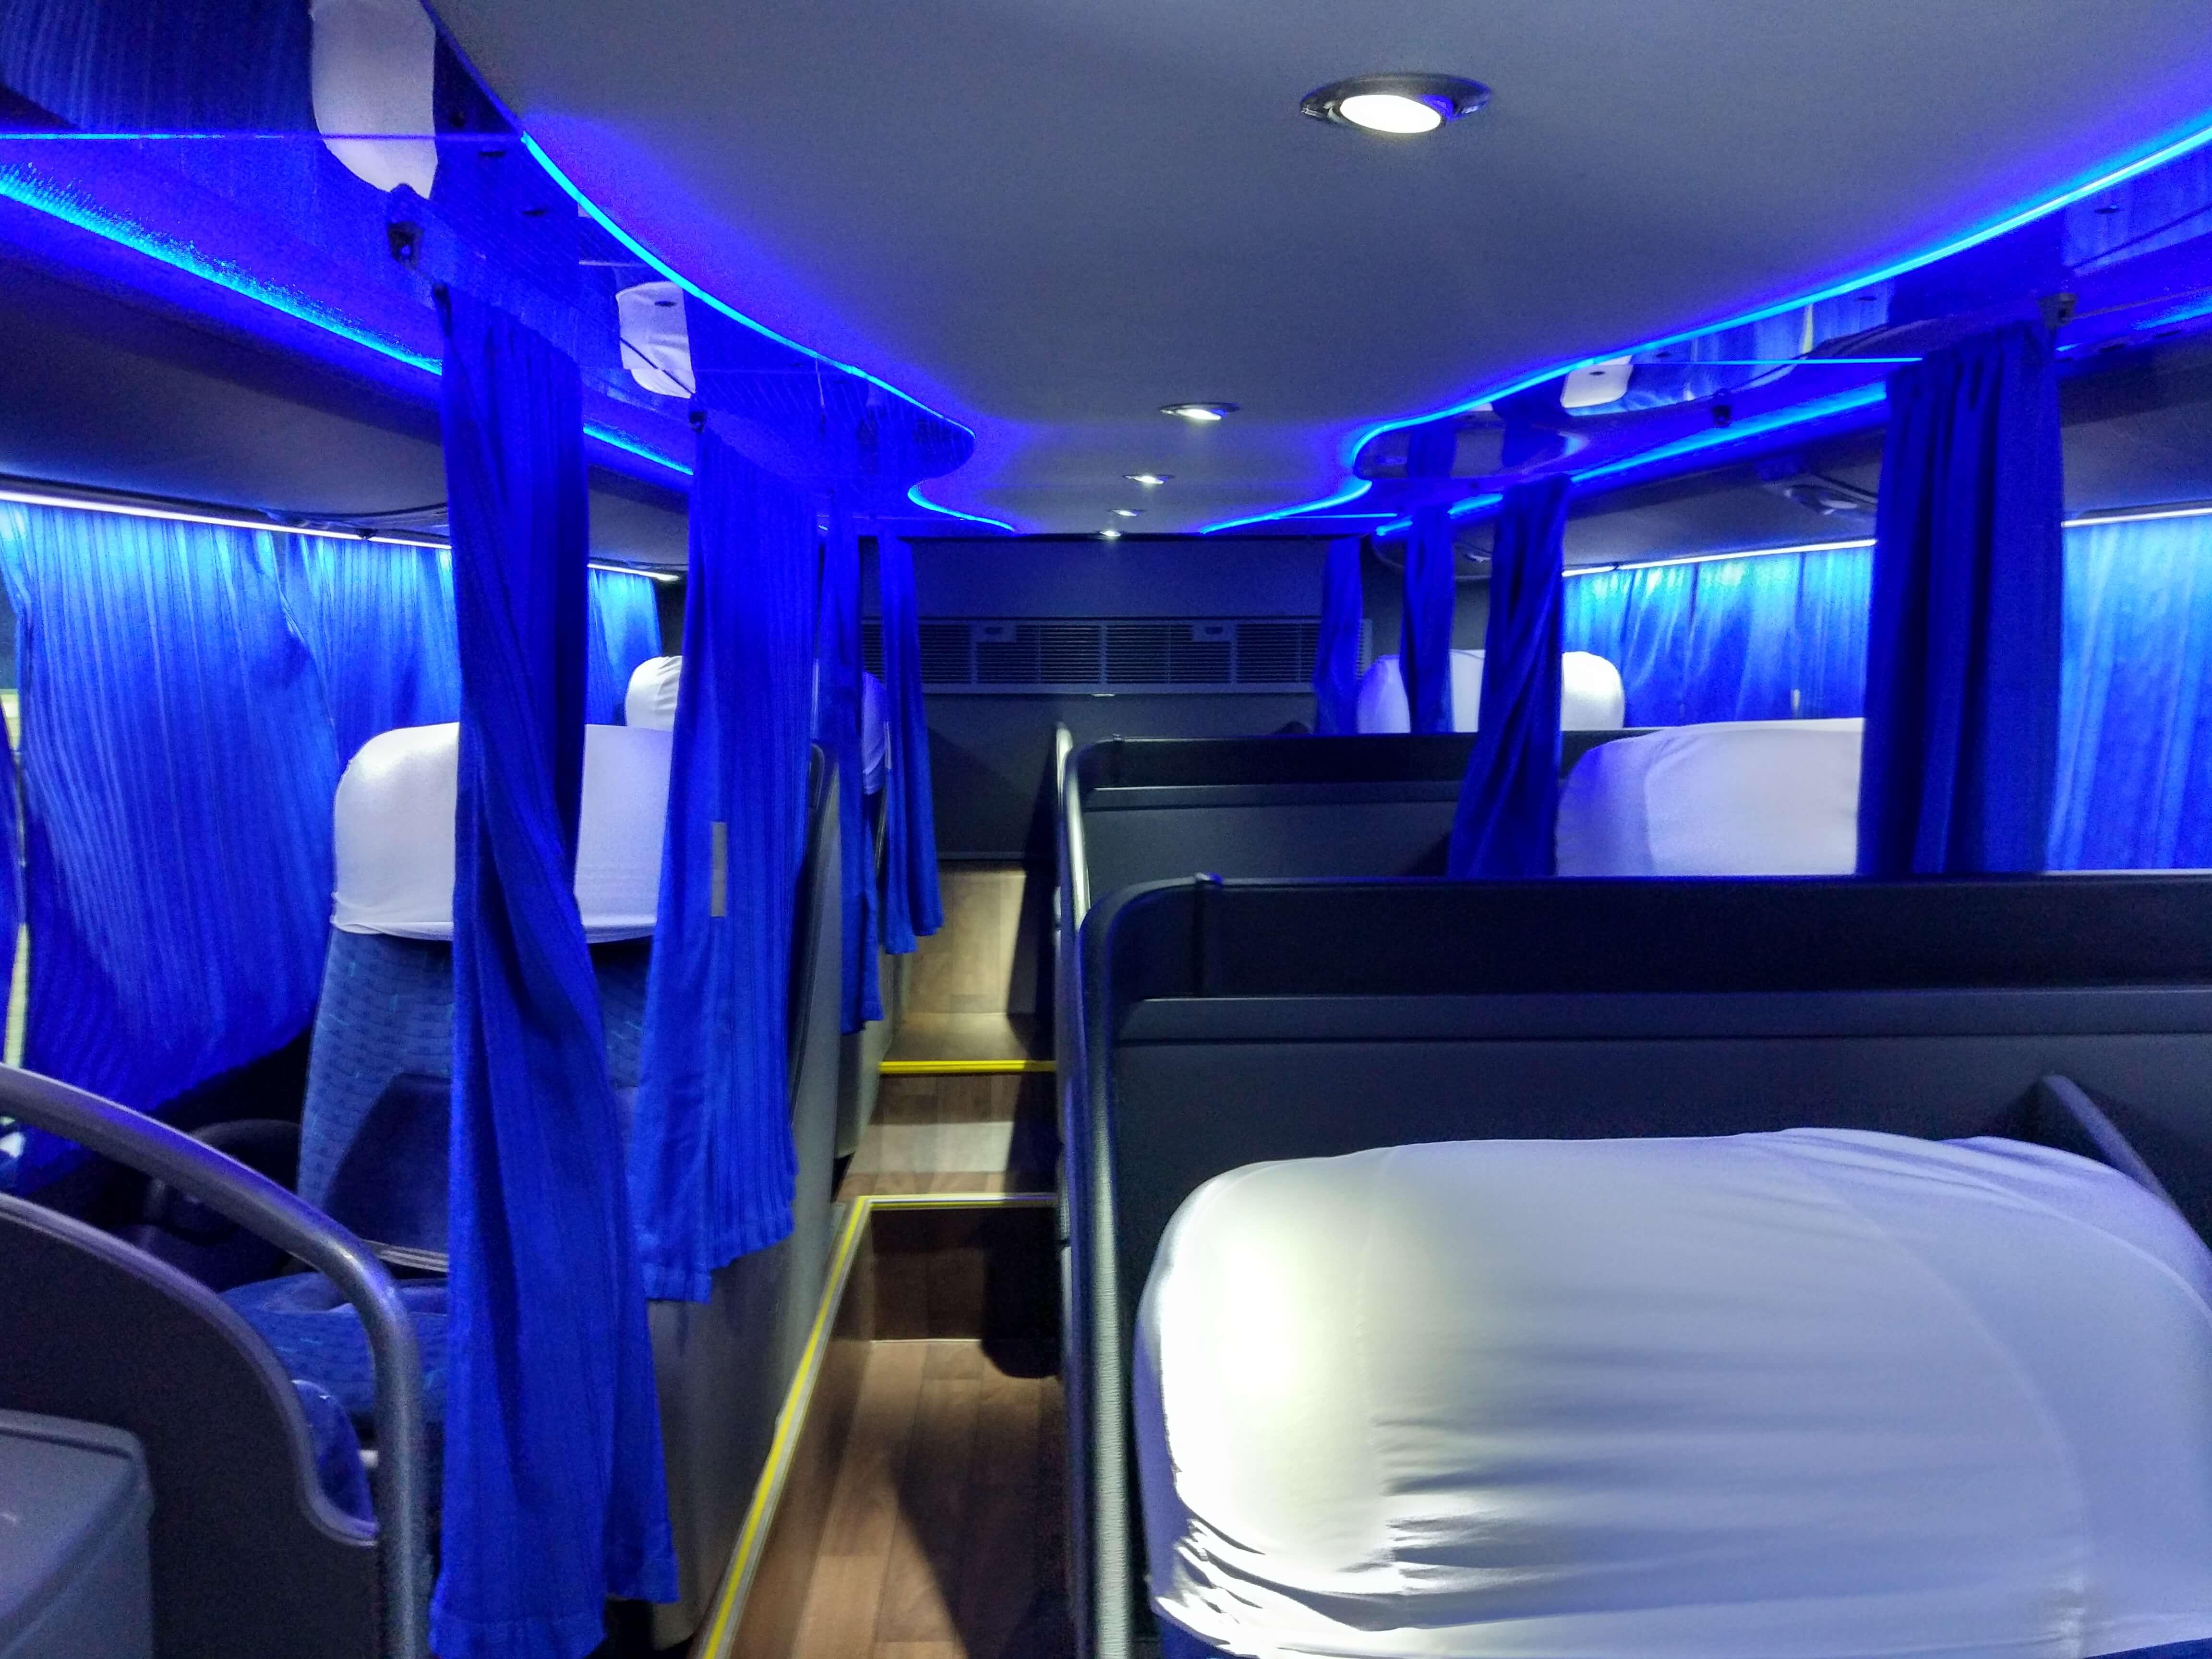 Interno do ônibus DD com leito-cama. Fonte: arquivo pessoal